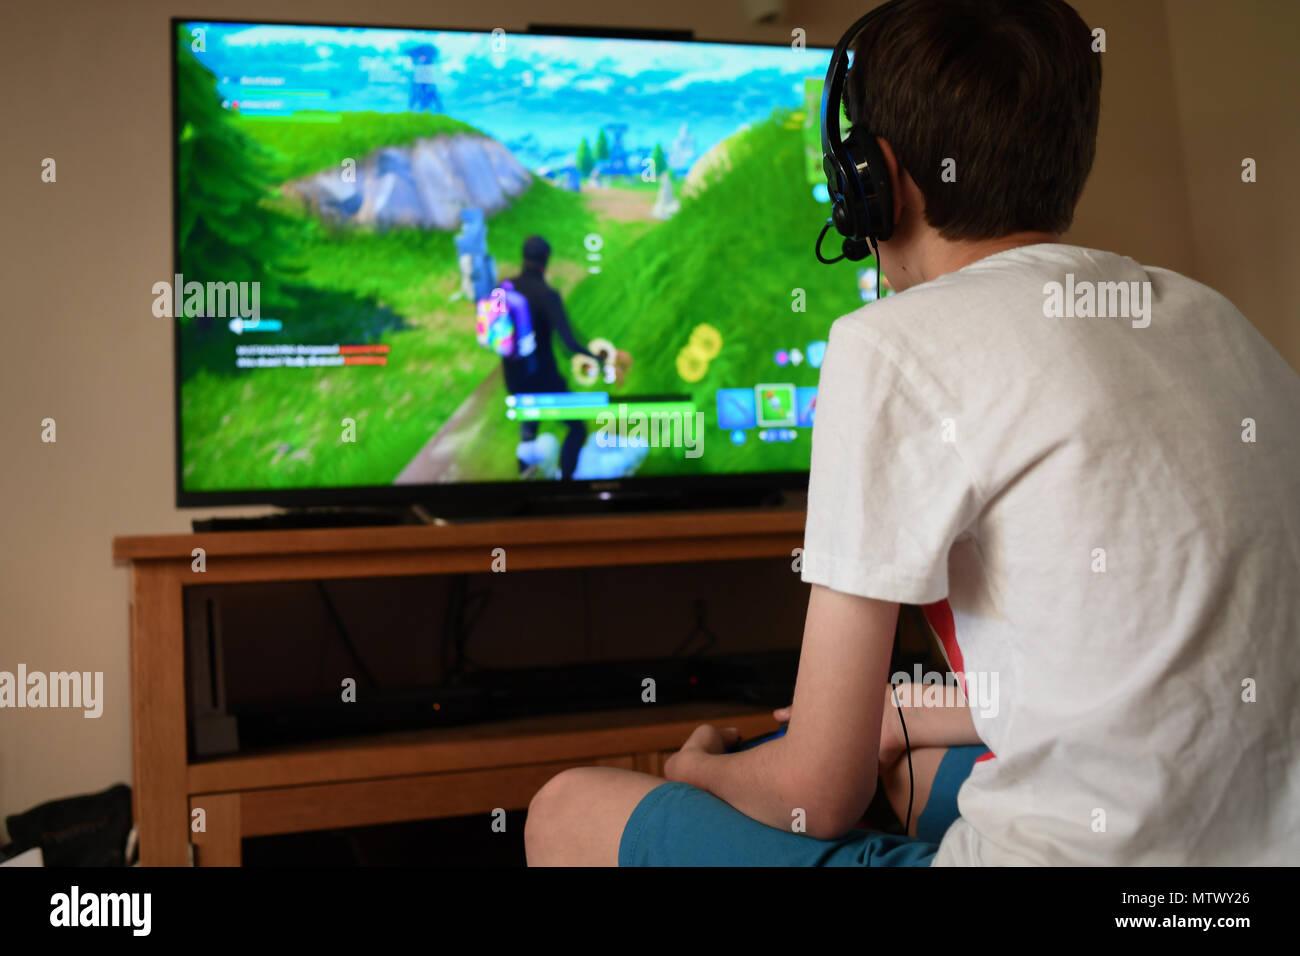 un adolescent de 13 ans fortnite joue sur le jeu ps4 l 39 aide d 39 un casque pour communiquer avec. Black Bedroom Furniture Sets. Home Design Ideas